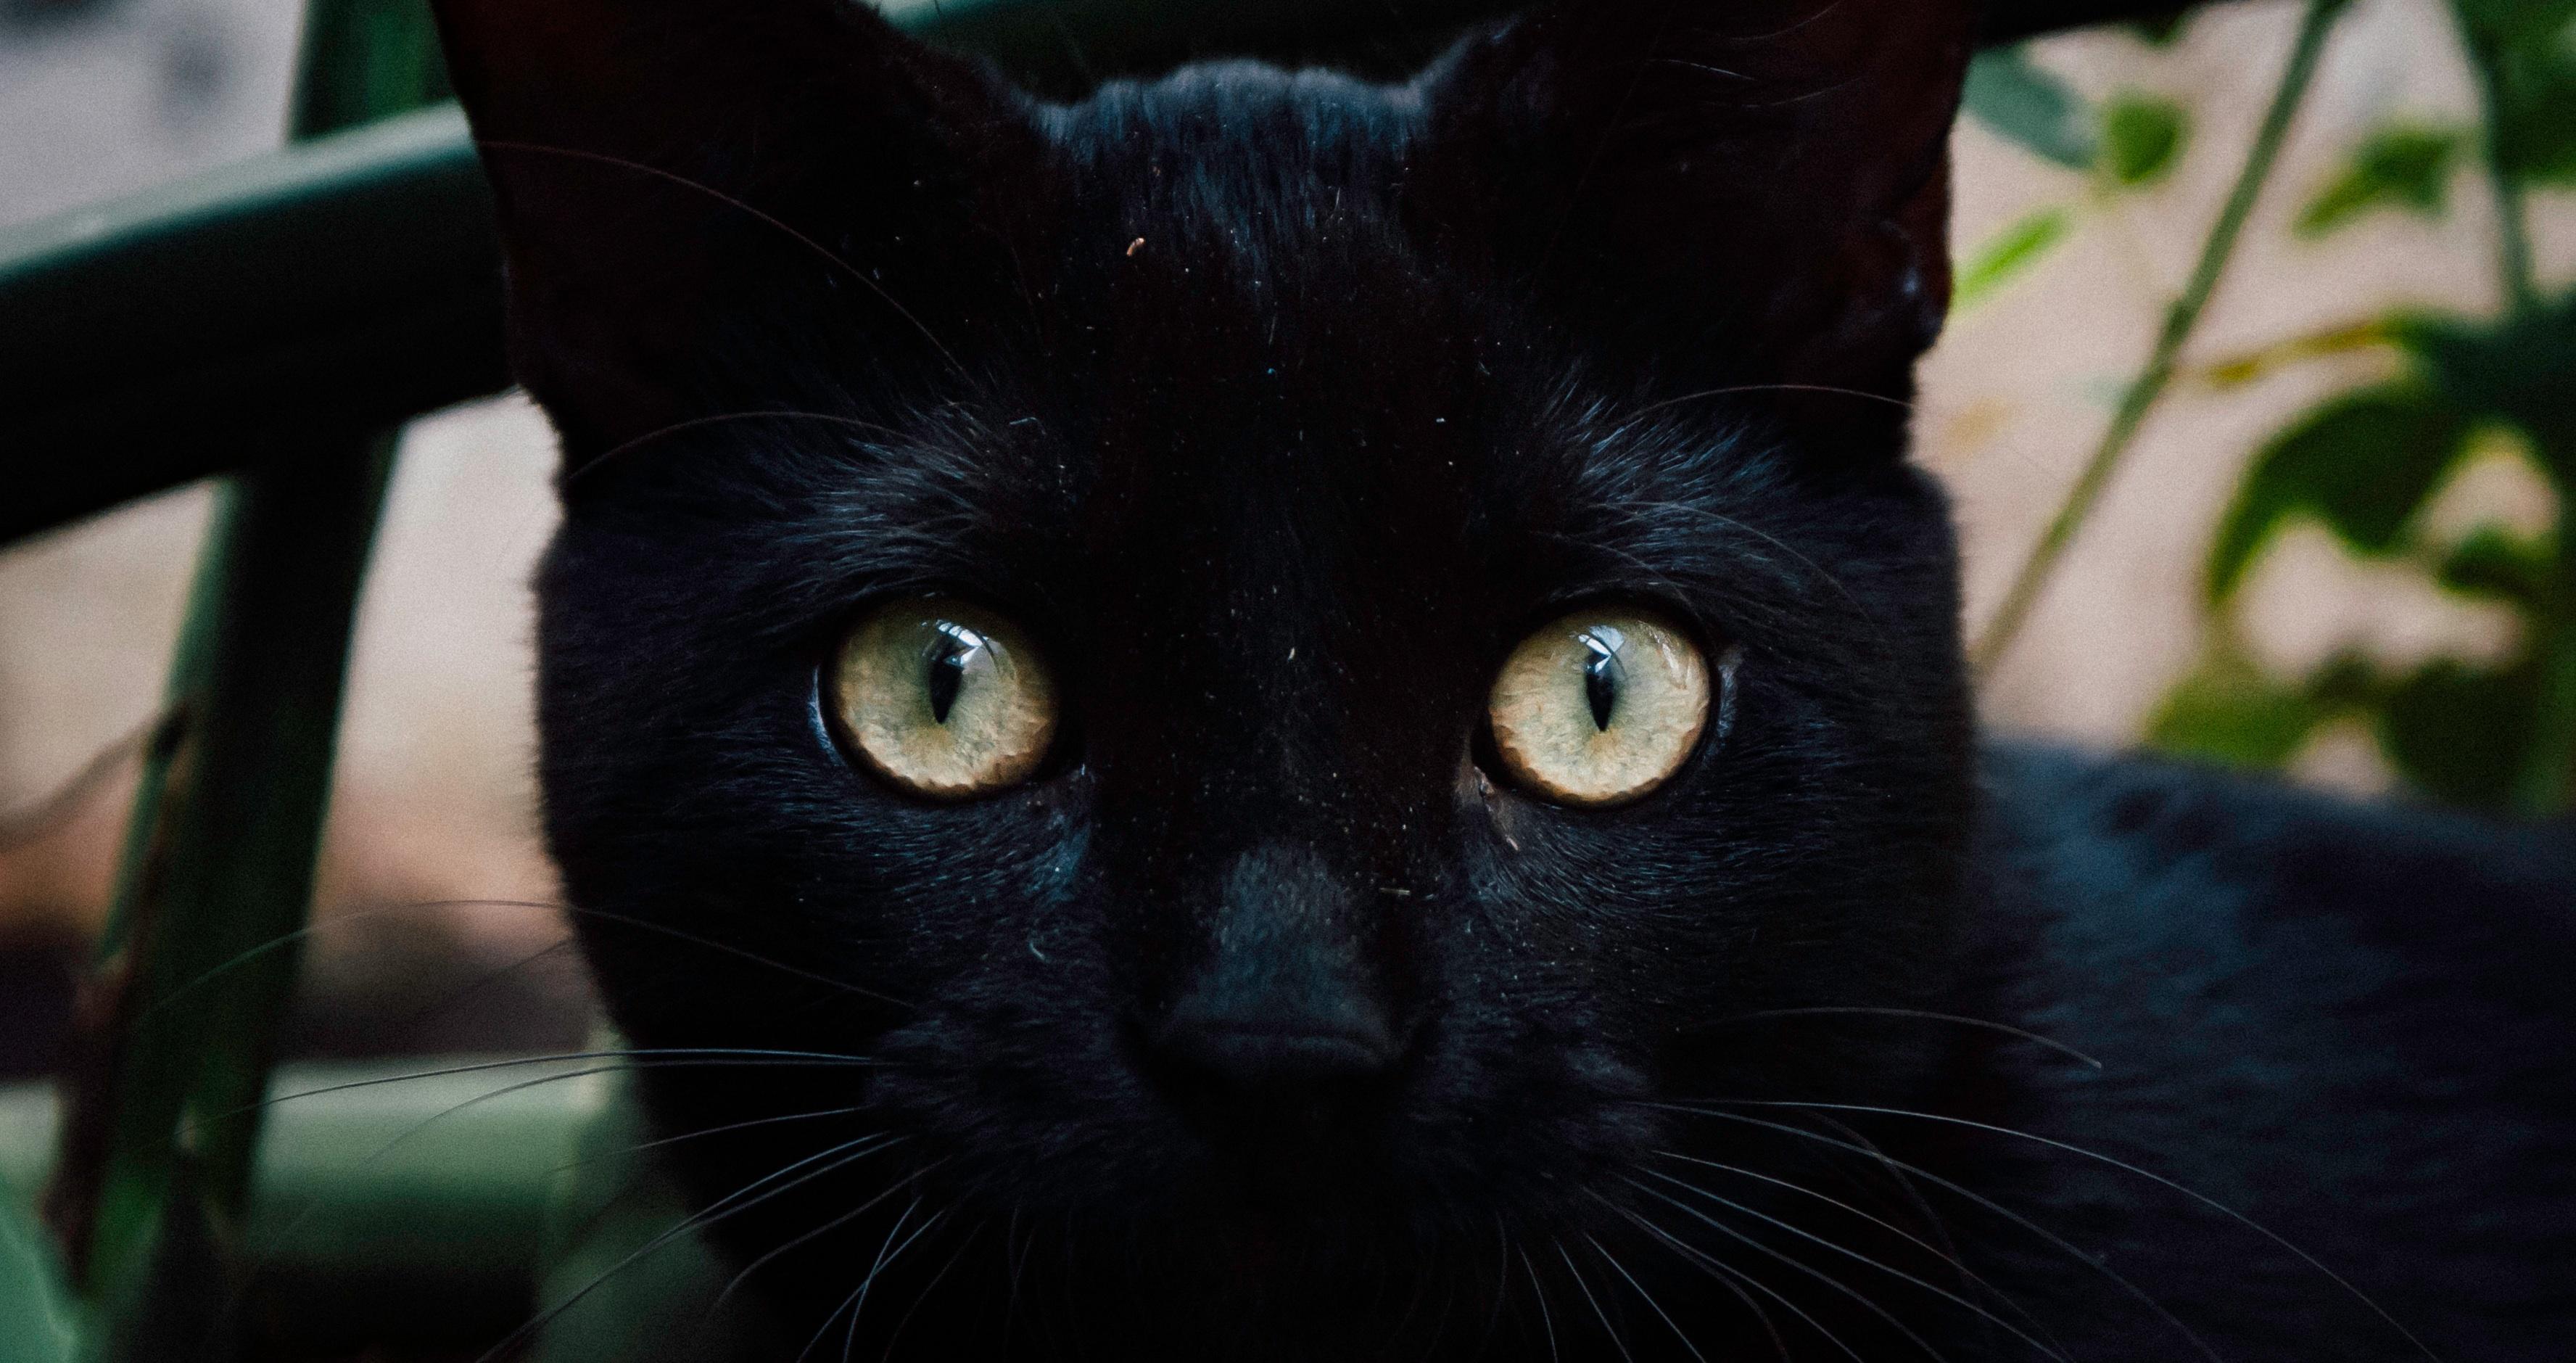 Stiahnite si zdarma túto fotografiu o Mačka Čierna Mačacie Oči z Pixabay knižnice public domain obrázkov a videí.